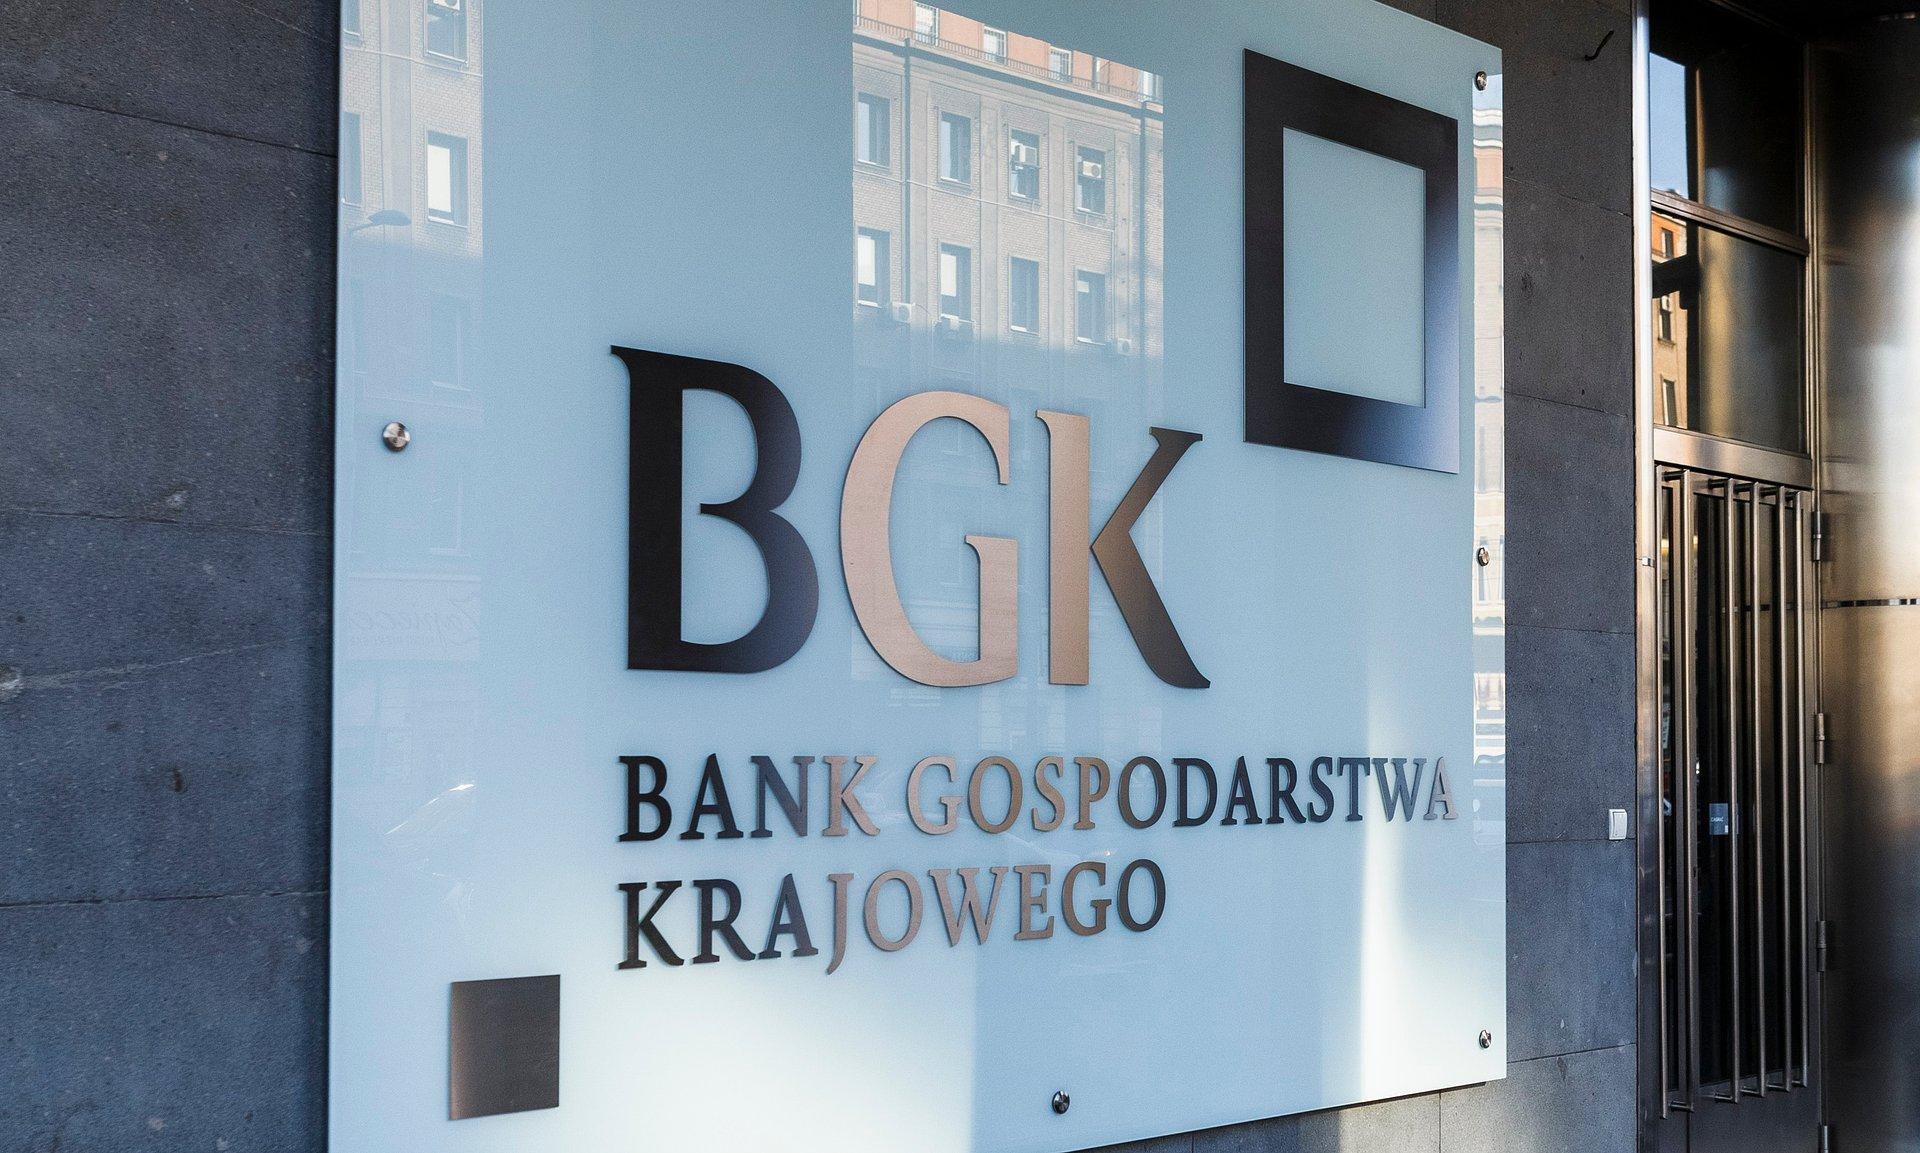 Siódma emisja obligacji i łącznie ponad 64 mld zł dla Funduszu Przeciwdziałania COVID-19